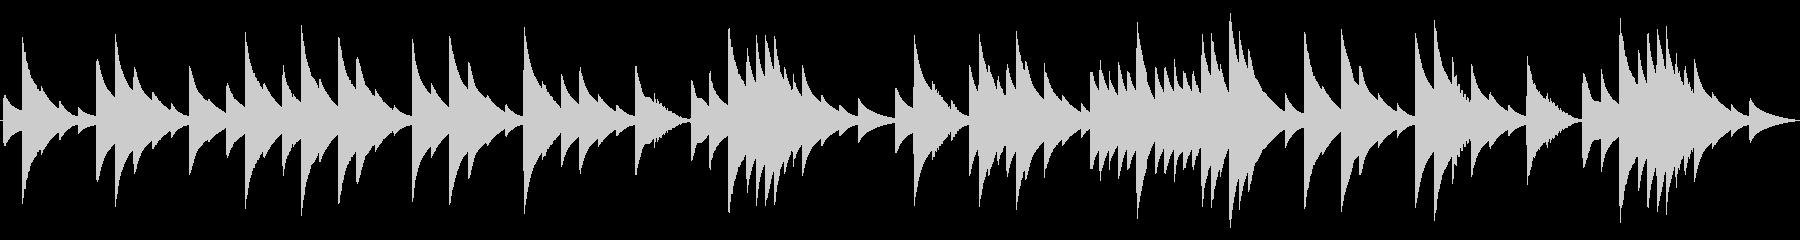 電話 保留音01-4(ノクターン)の未再生の波形